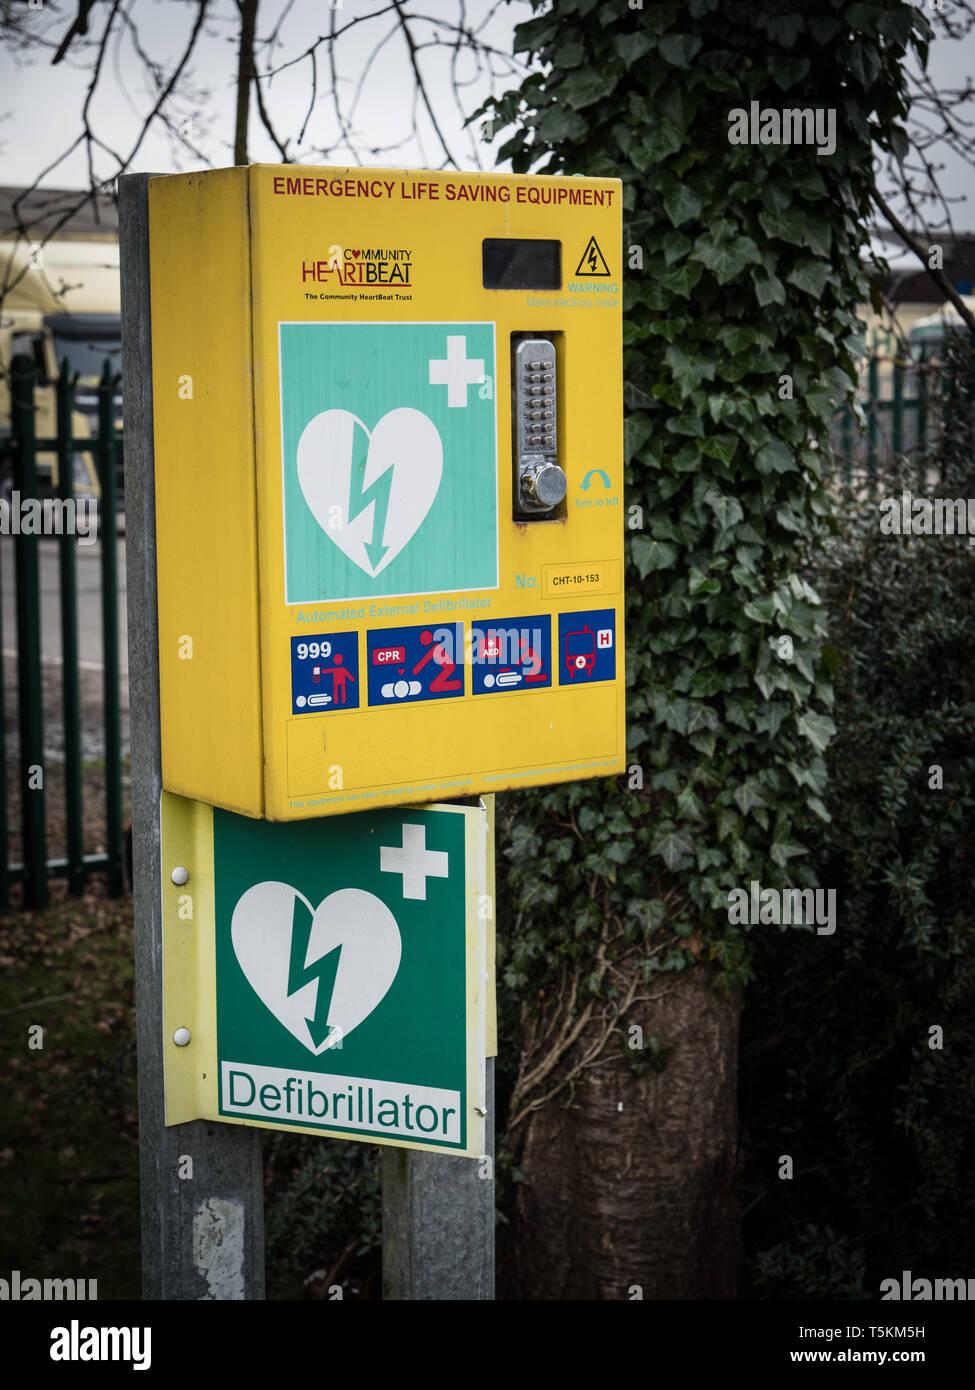 Emergency portable defibrillation aparatus - Stock Image